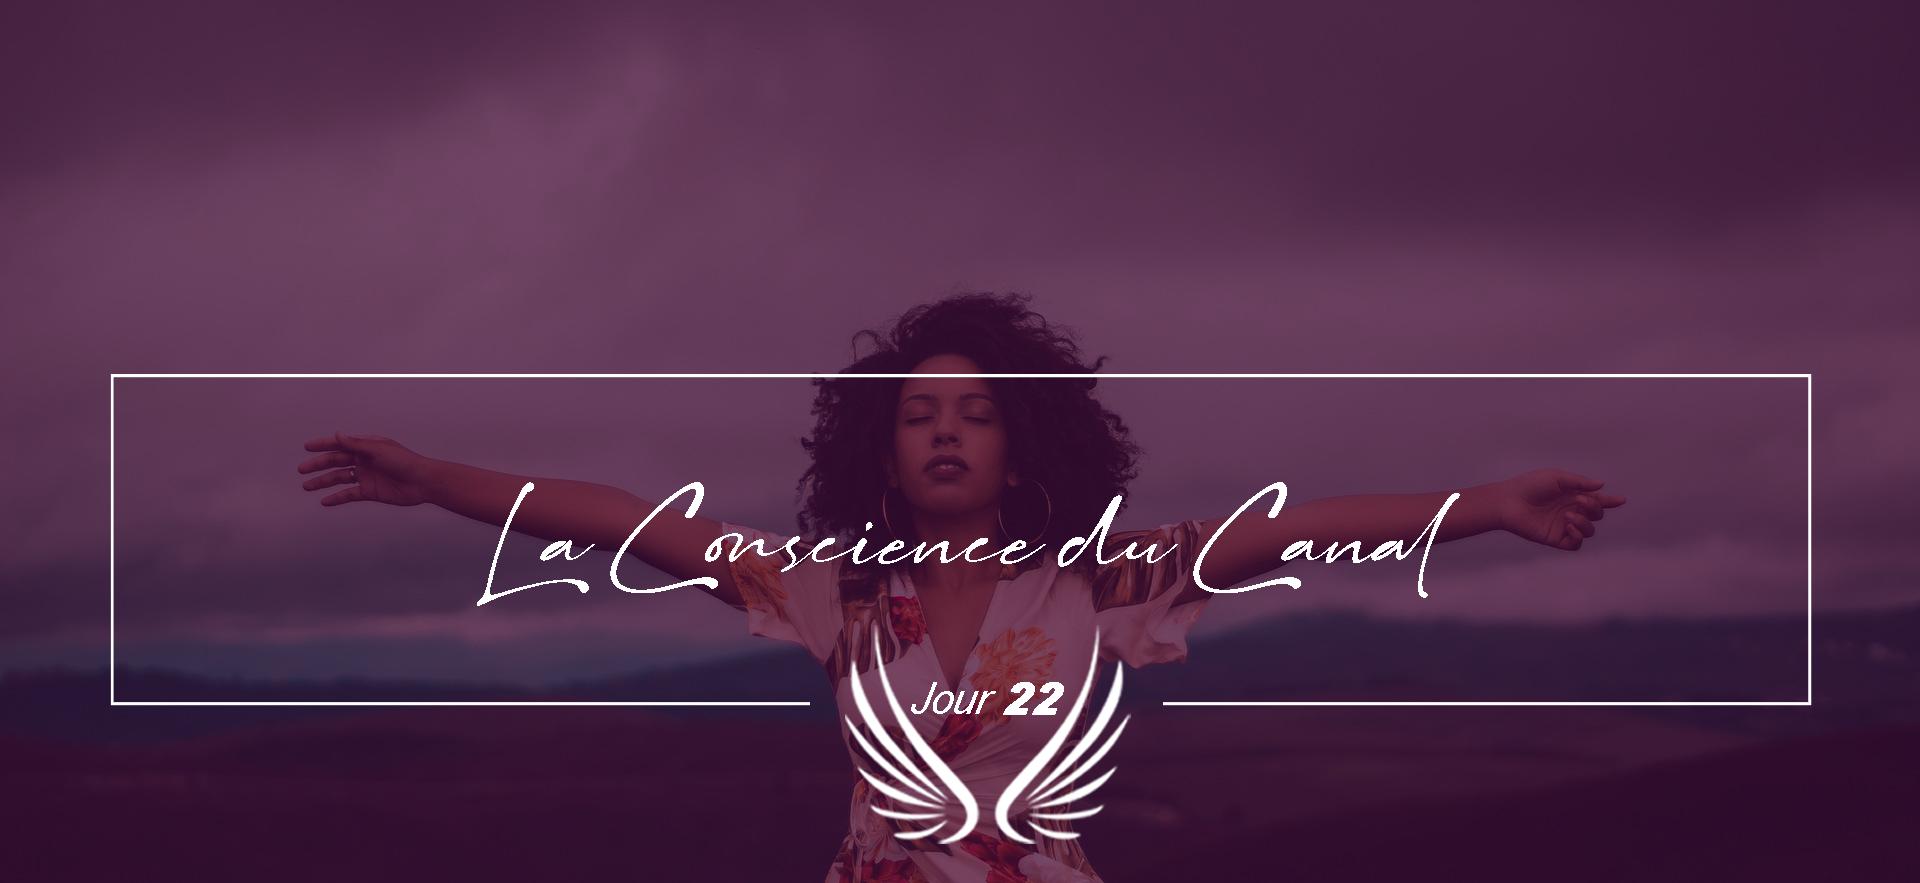 JOUR 22 – LA CONSCIENCE DU CANAL.png